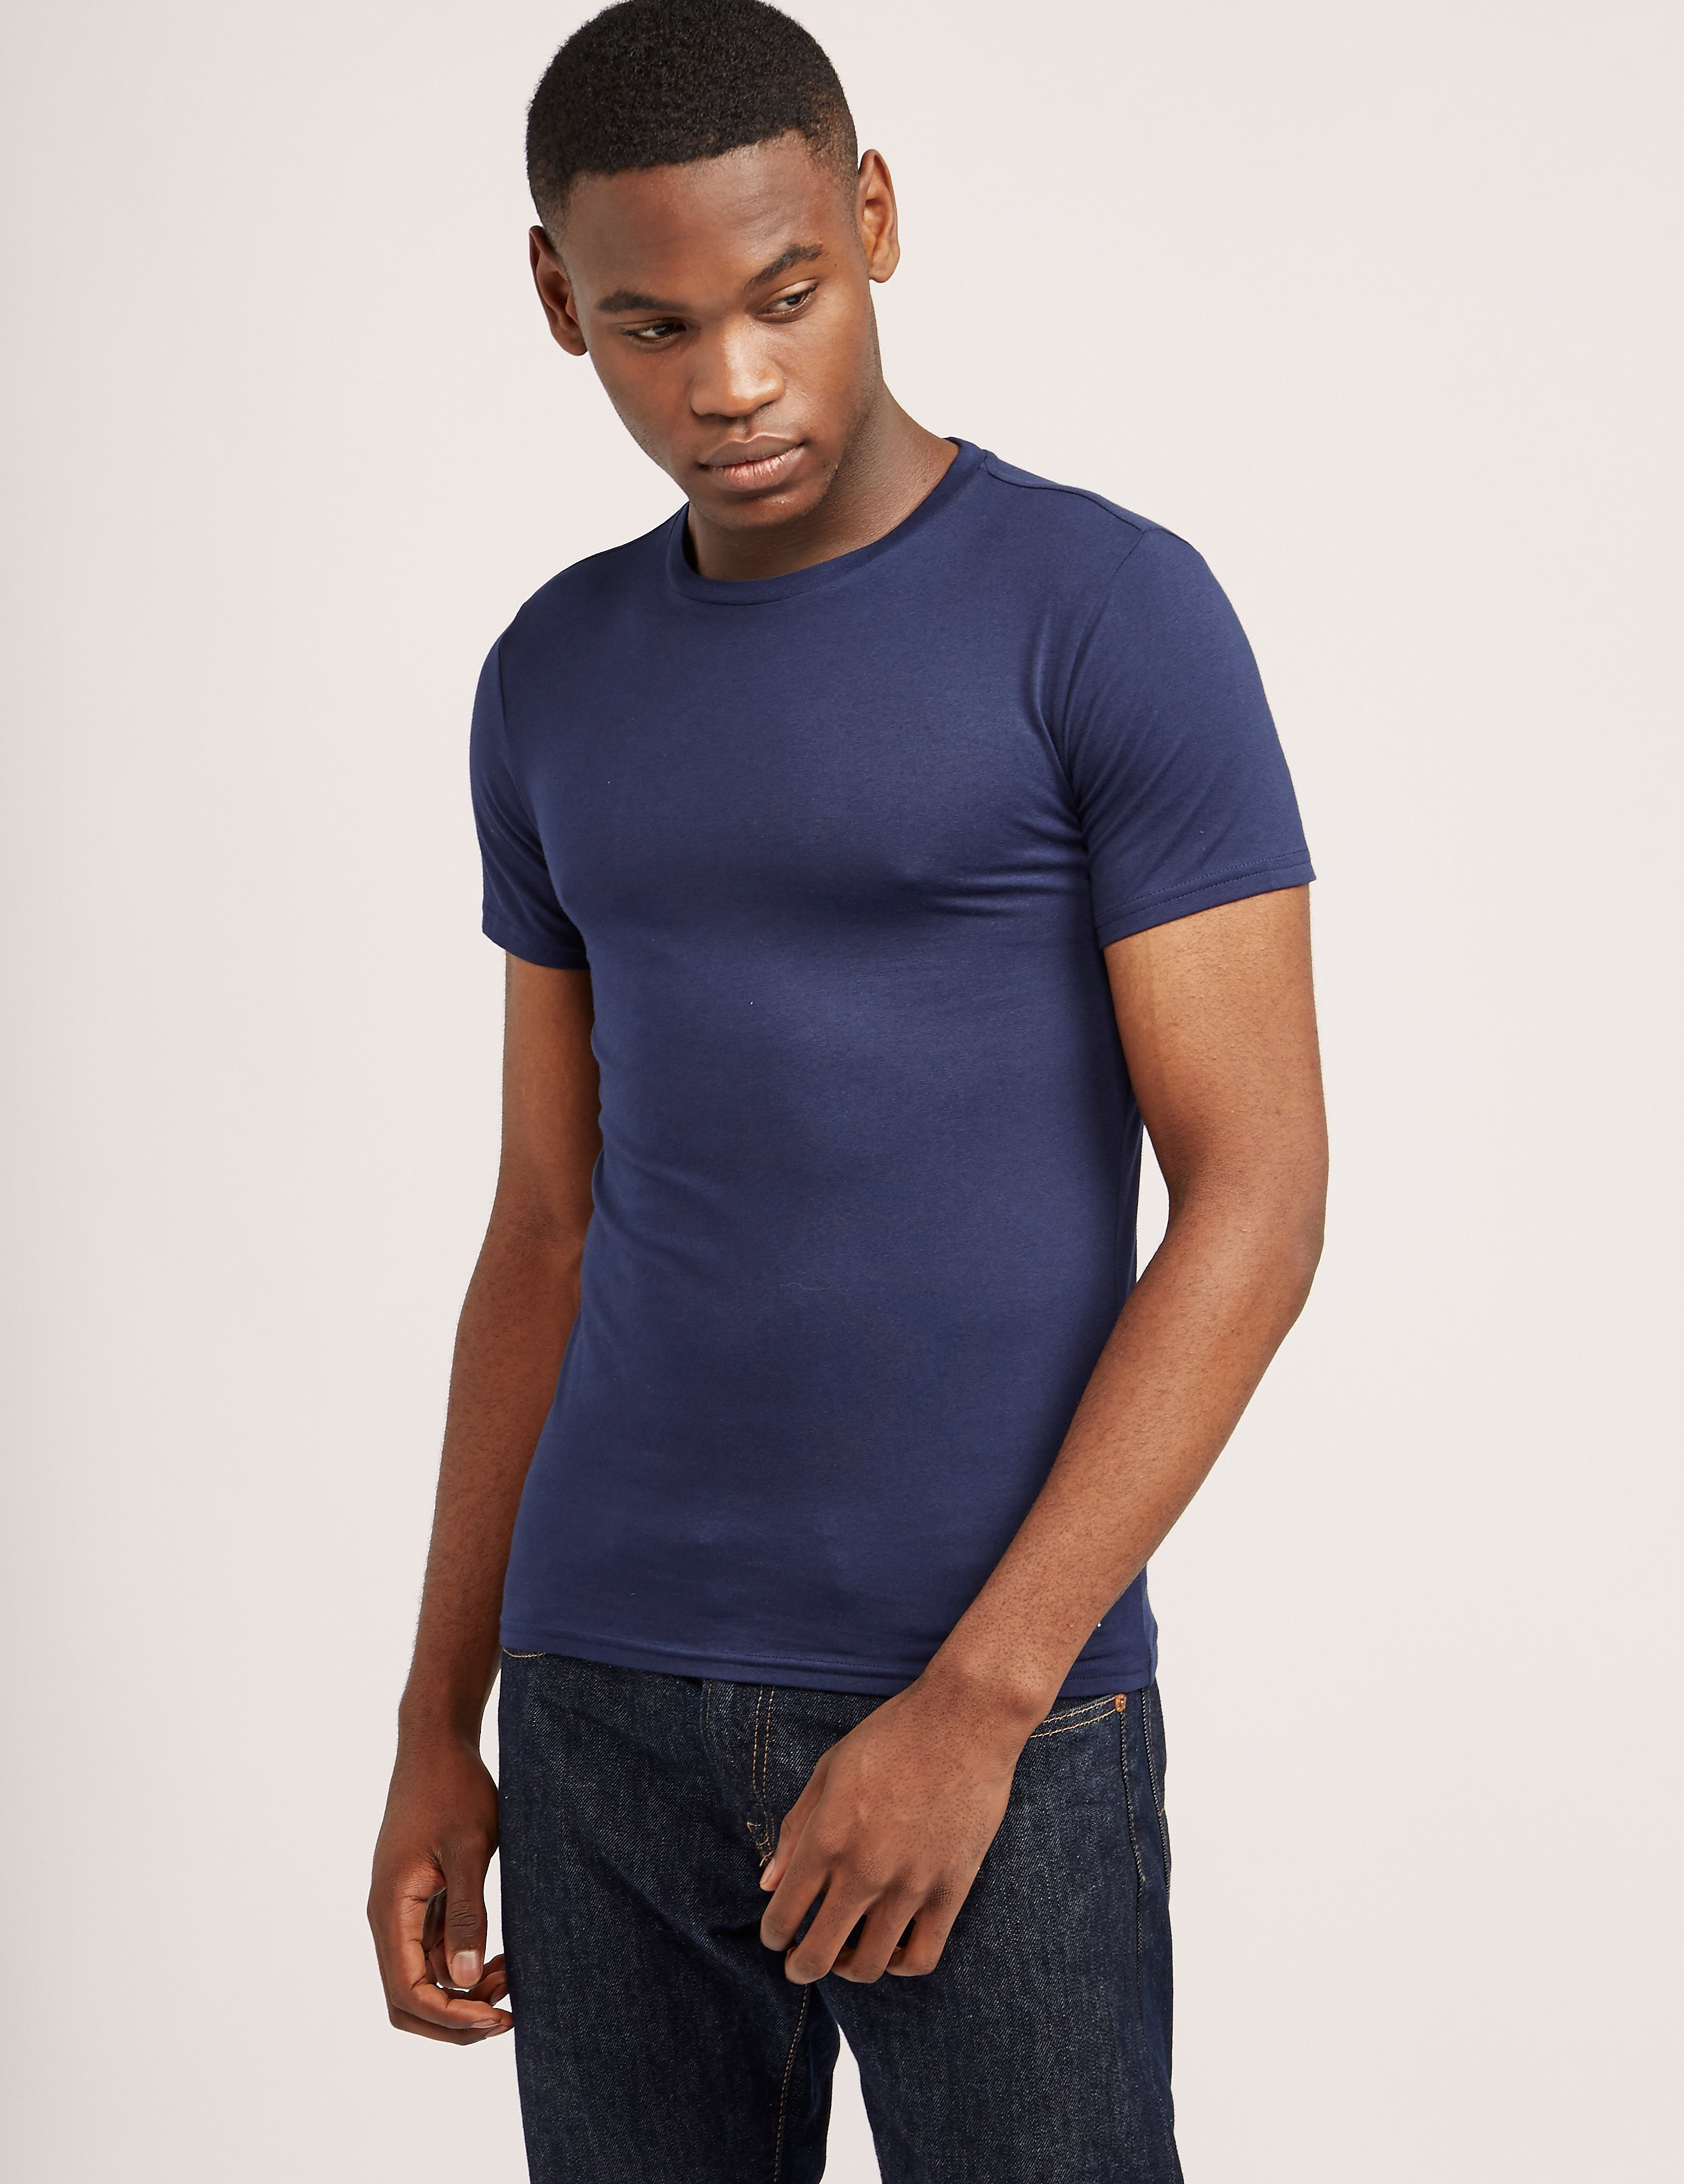 Polo Ralph Lauren 2-Pack Crew T-Shirt